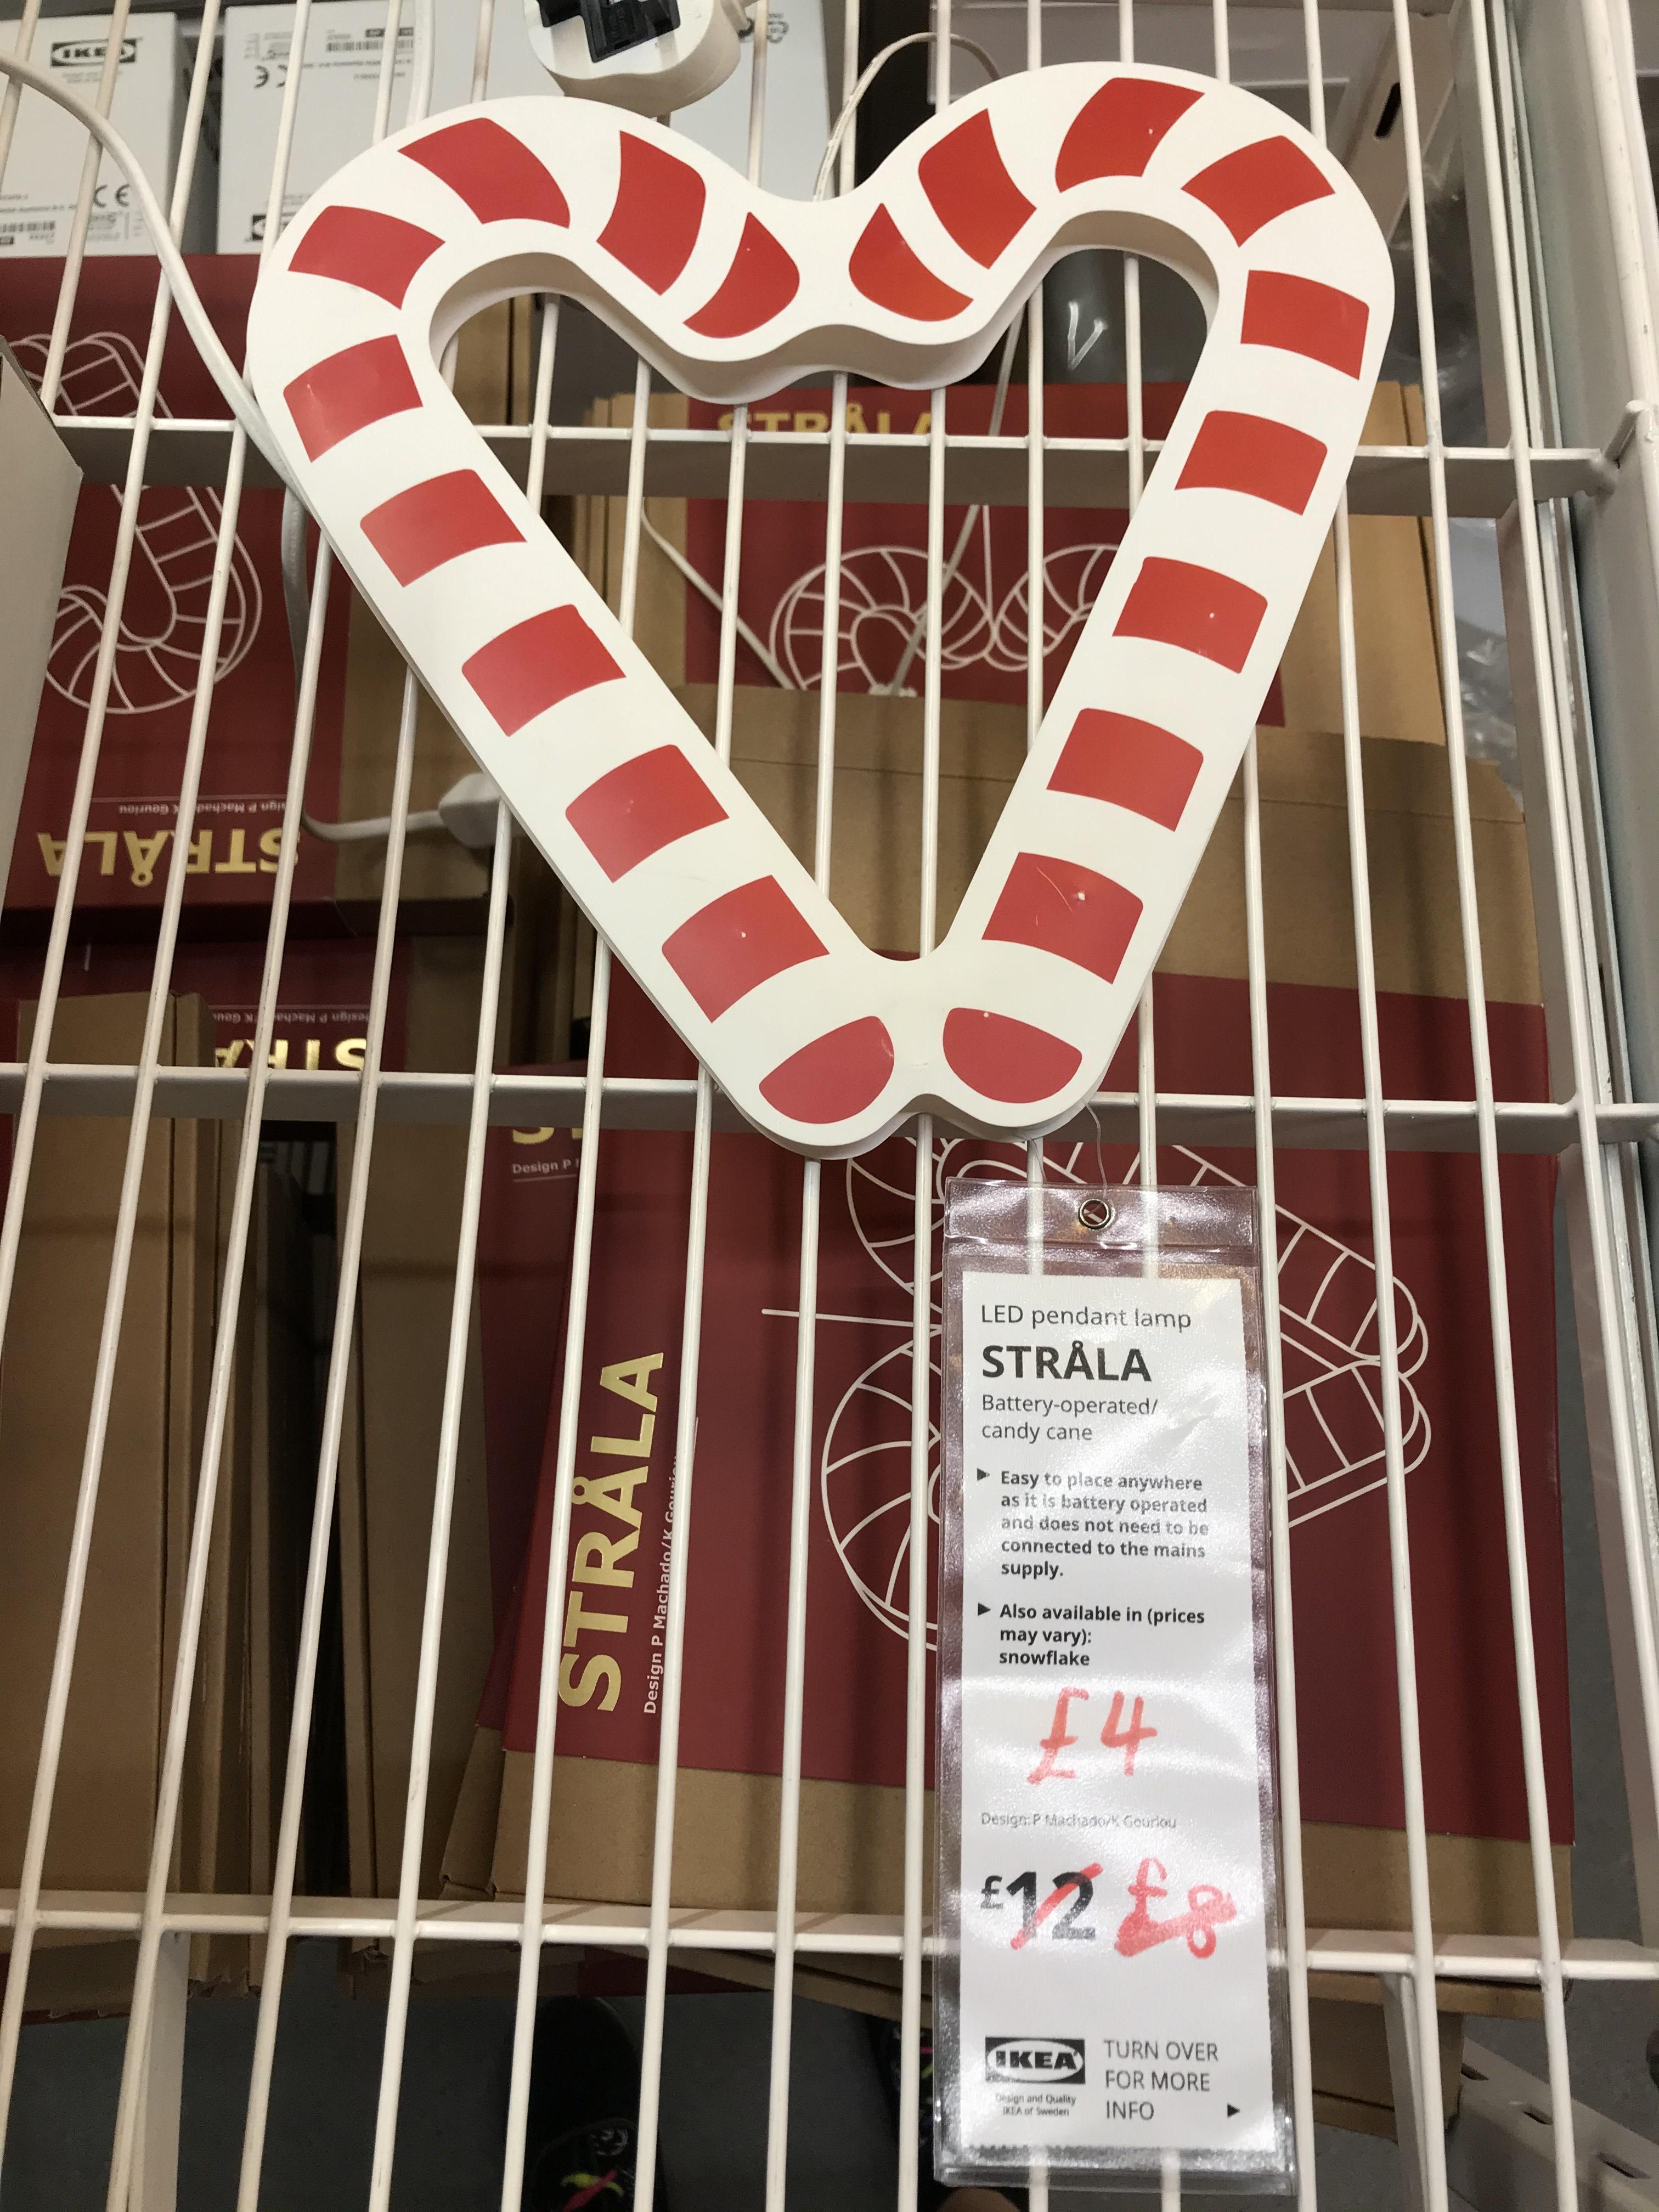 Strala LED Candy Cane Lamp @ IKEA Leeds